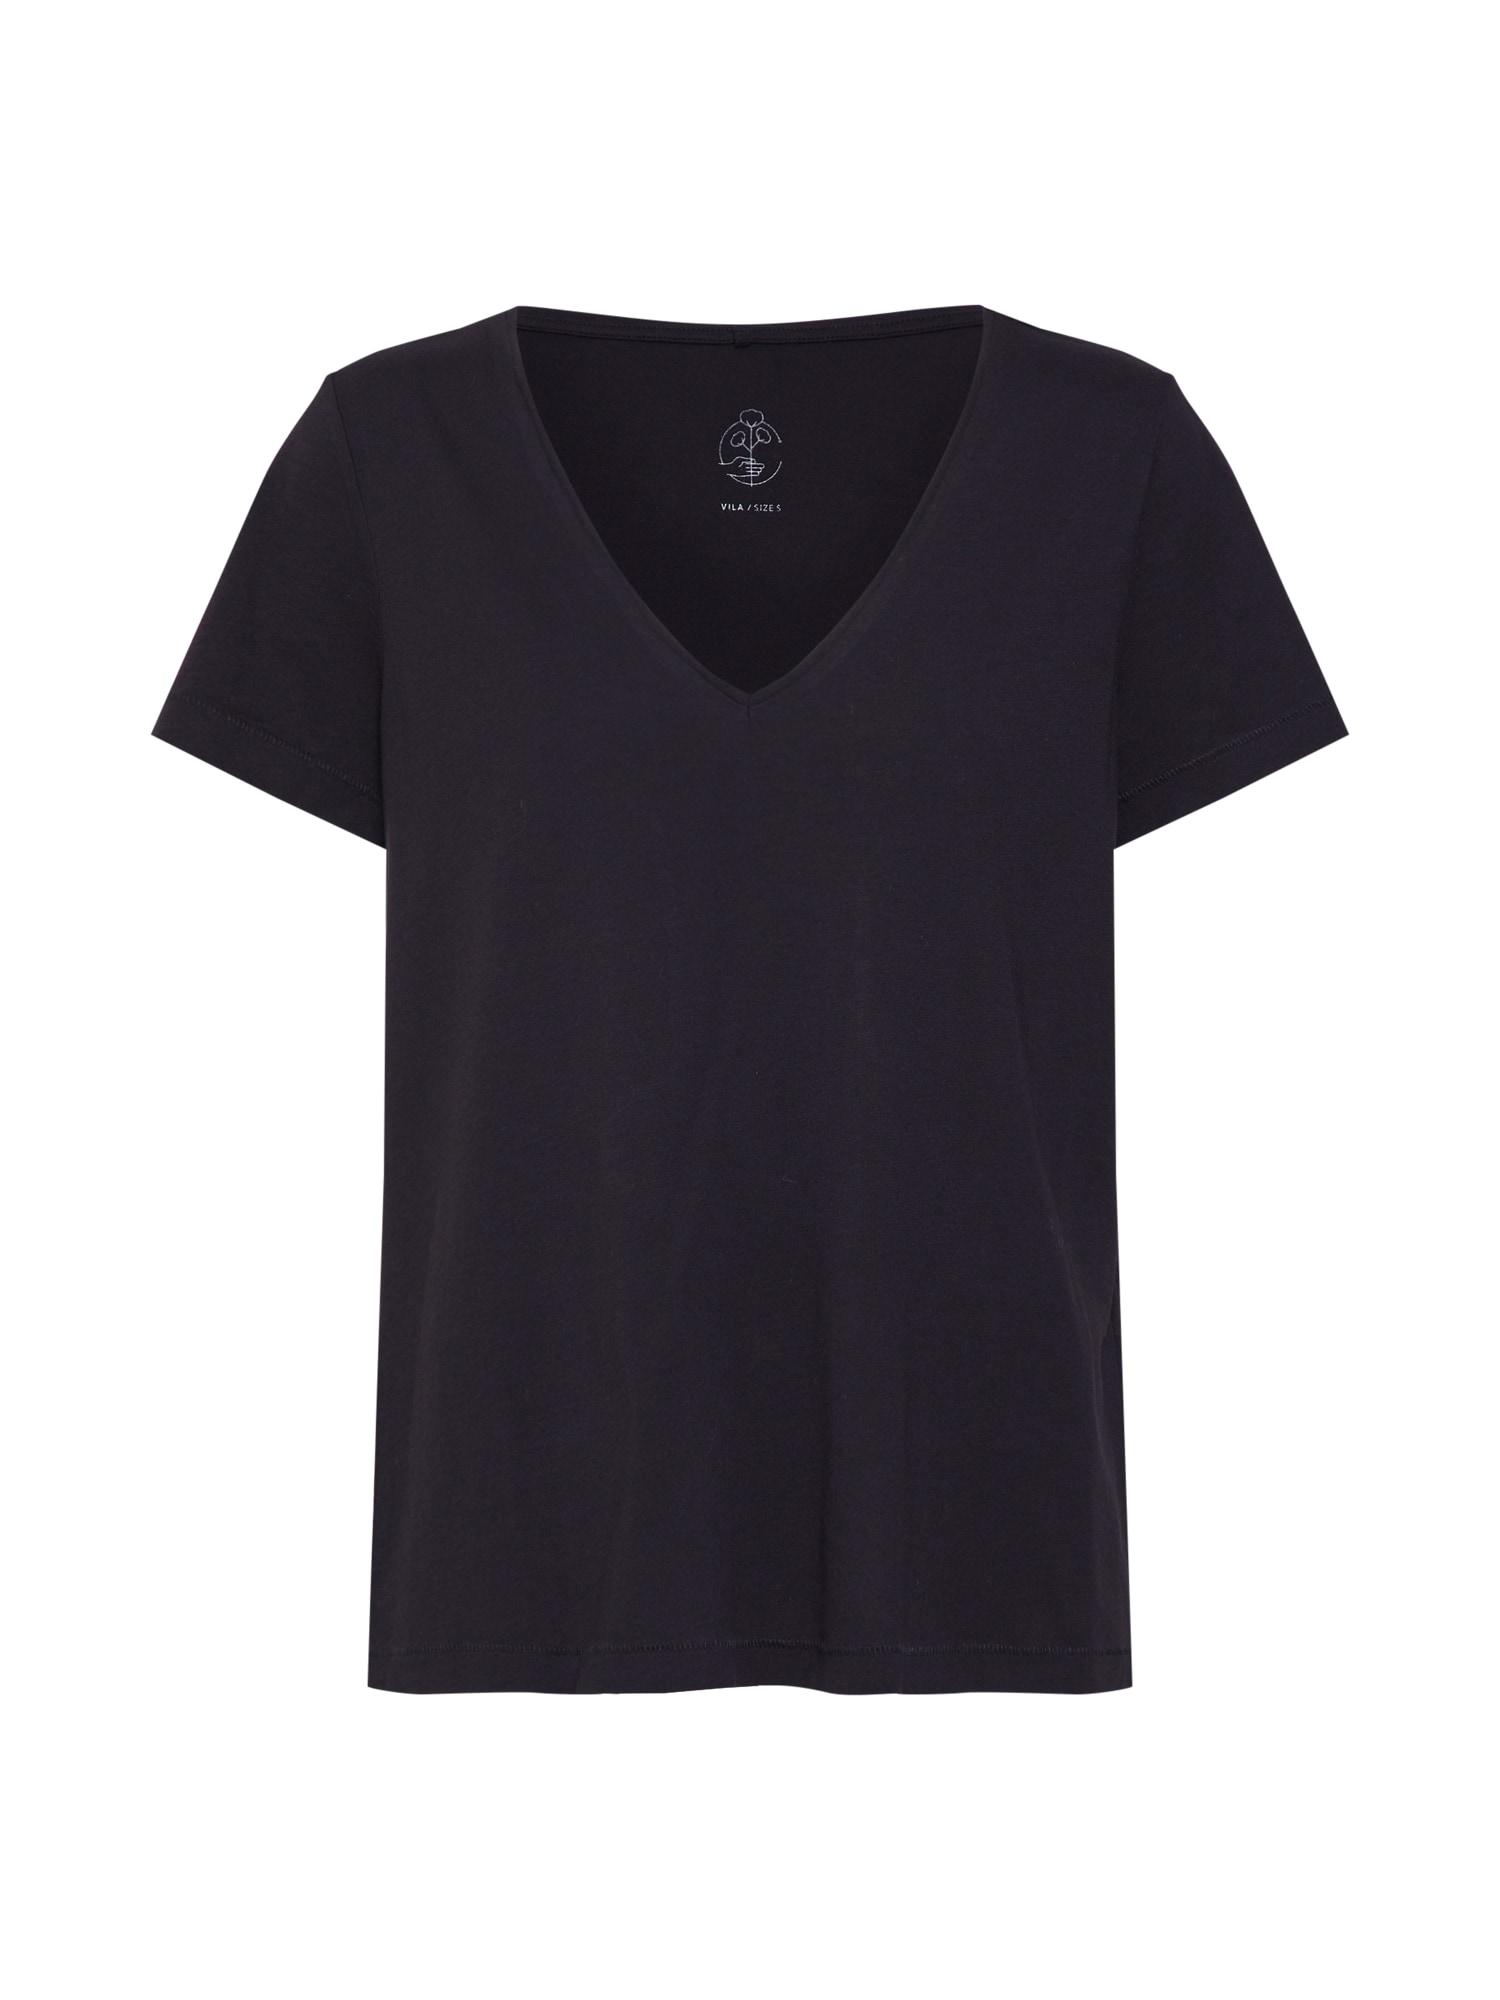 Tričko VISUSETTE černá VILA